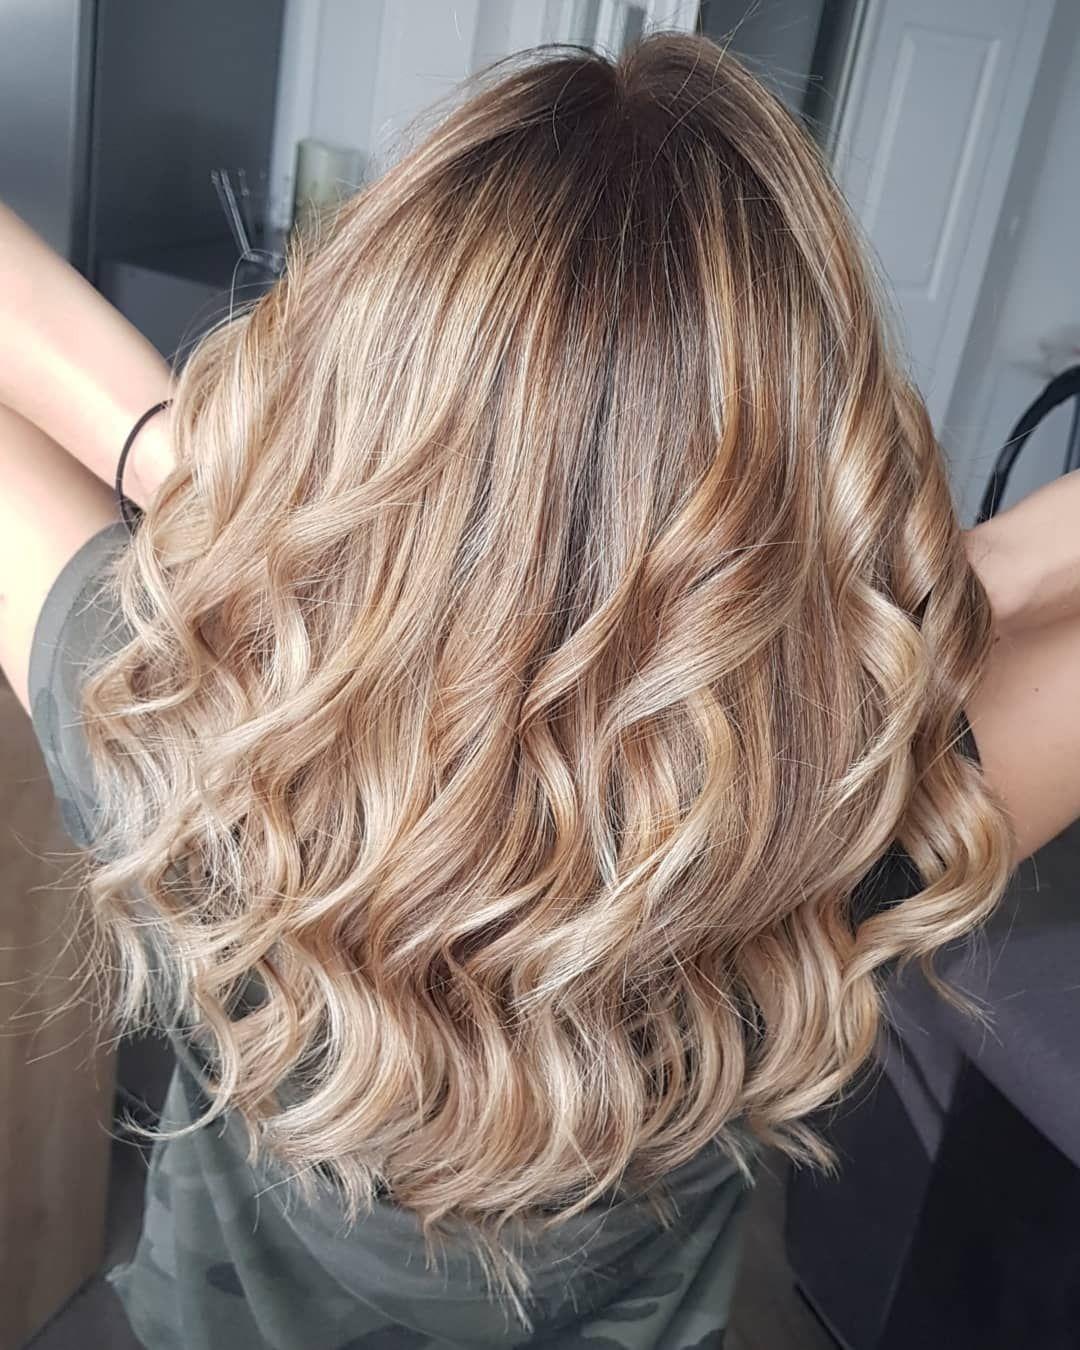 Cheveux Cils Ongles S Instagram Post Blondehairstyles Un Jolie Blond Demande De L Entretient Une Petite Patine Patine Cheveux Jolies Blondes Cheveux